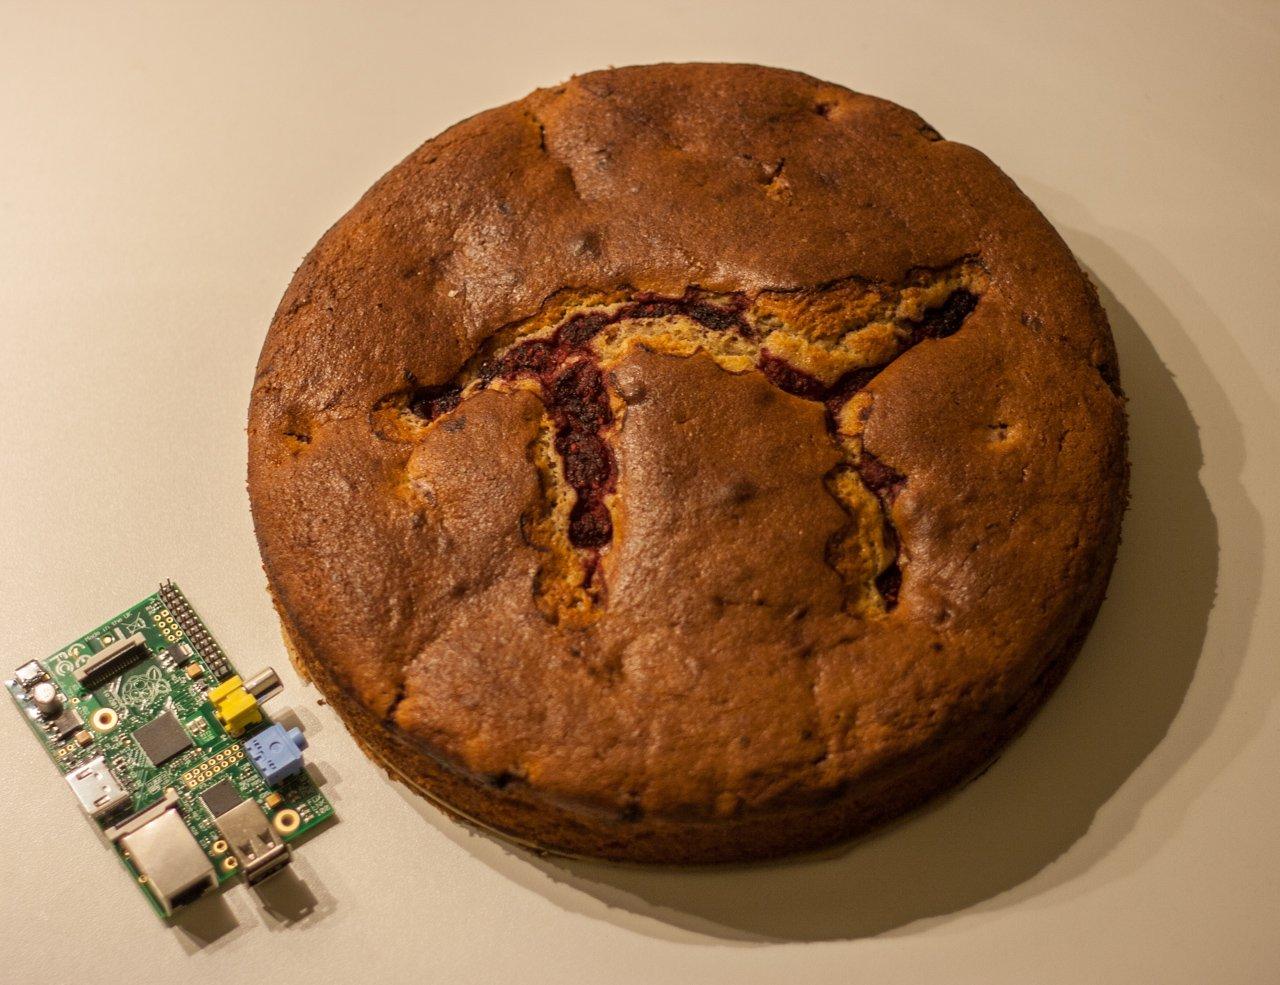 Raspberry Pi, Raspberry Pie